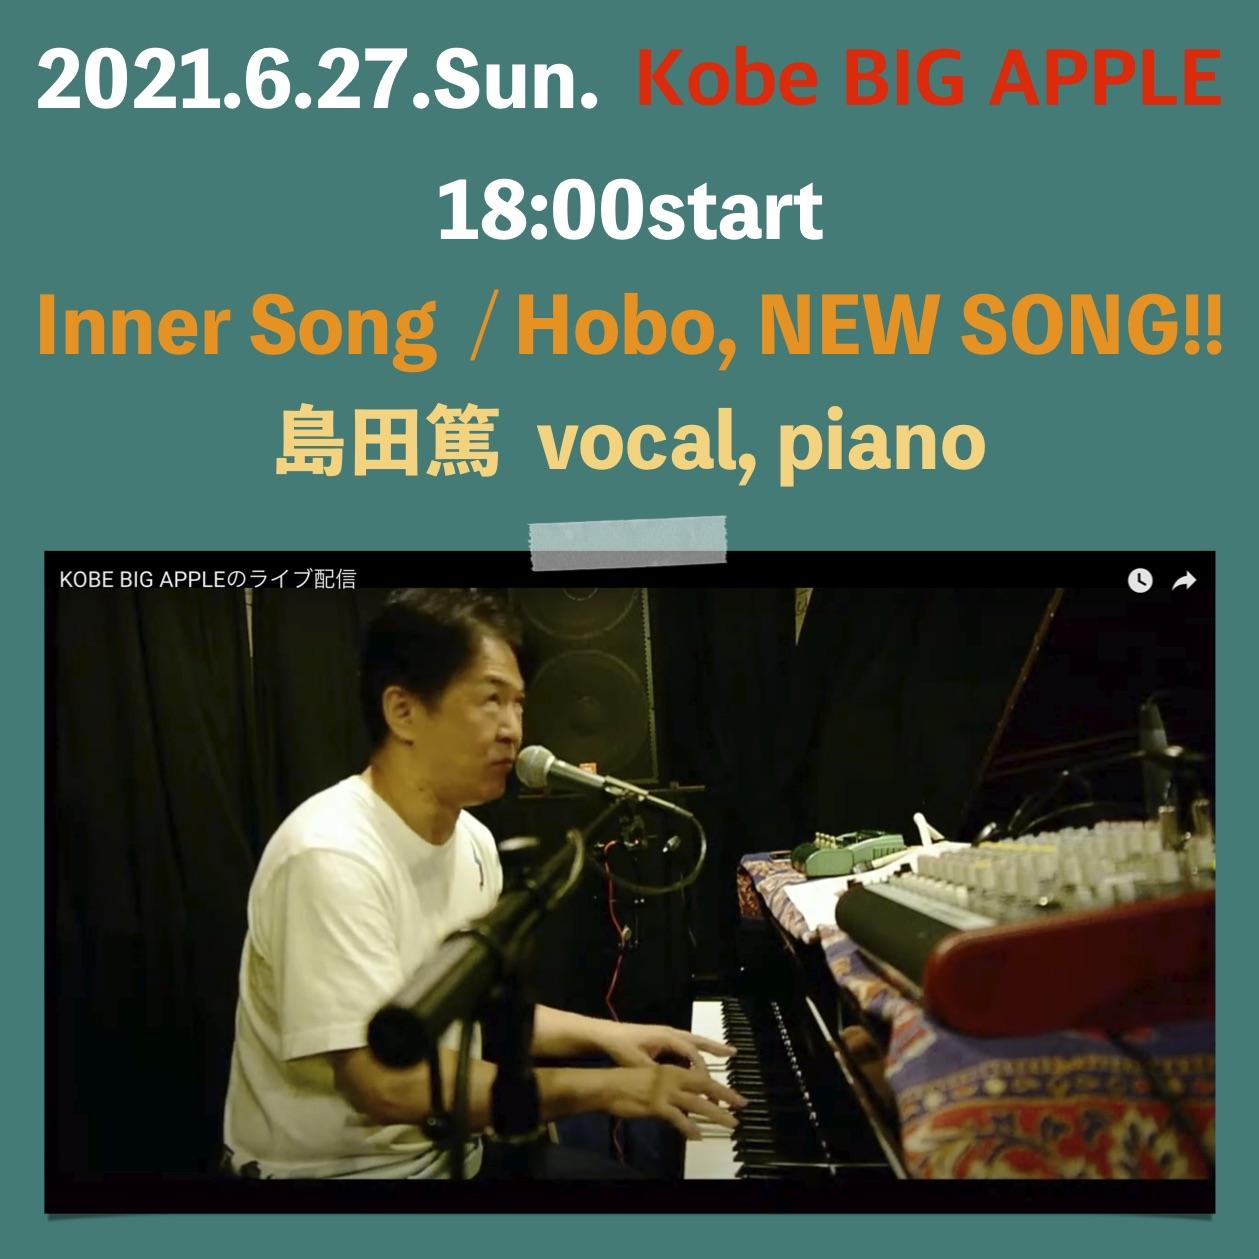 Inner Song / Hobo, NEW SONG!!